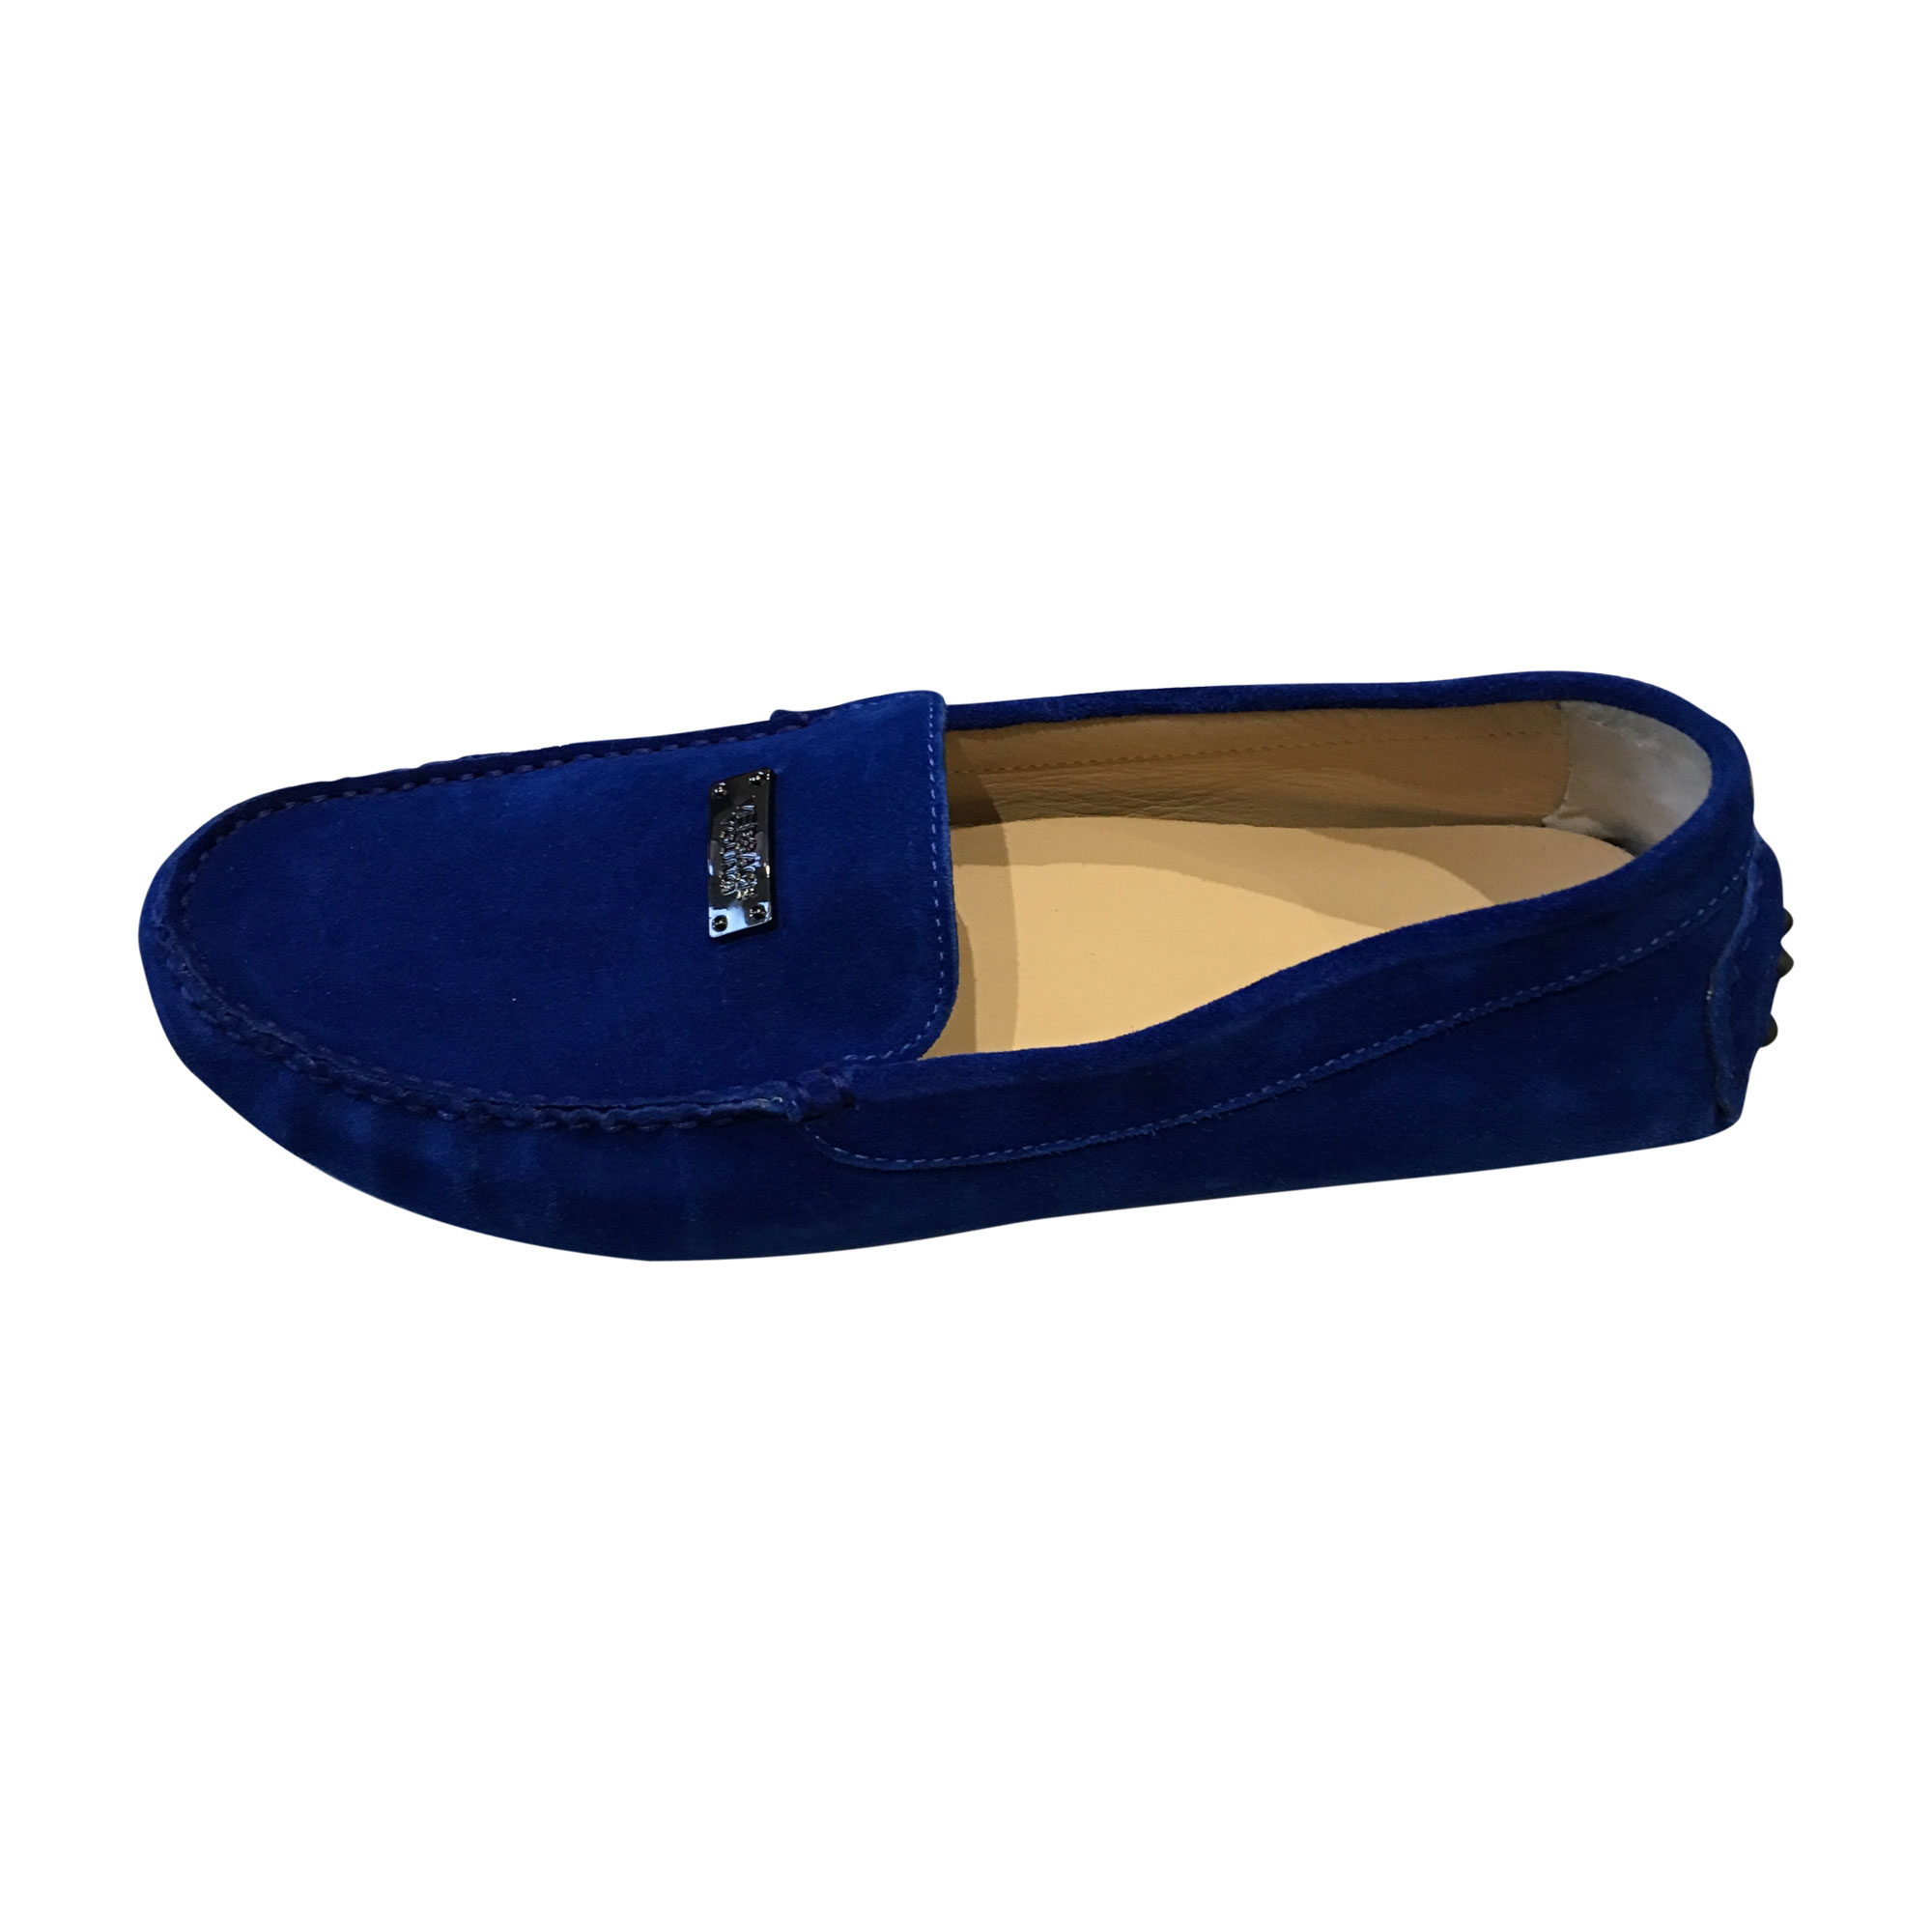 Mocassins VERSACE 40 bleu vendu par Saliha 81 - 5061174 e9338fad740